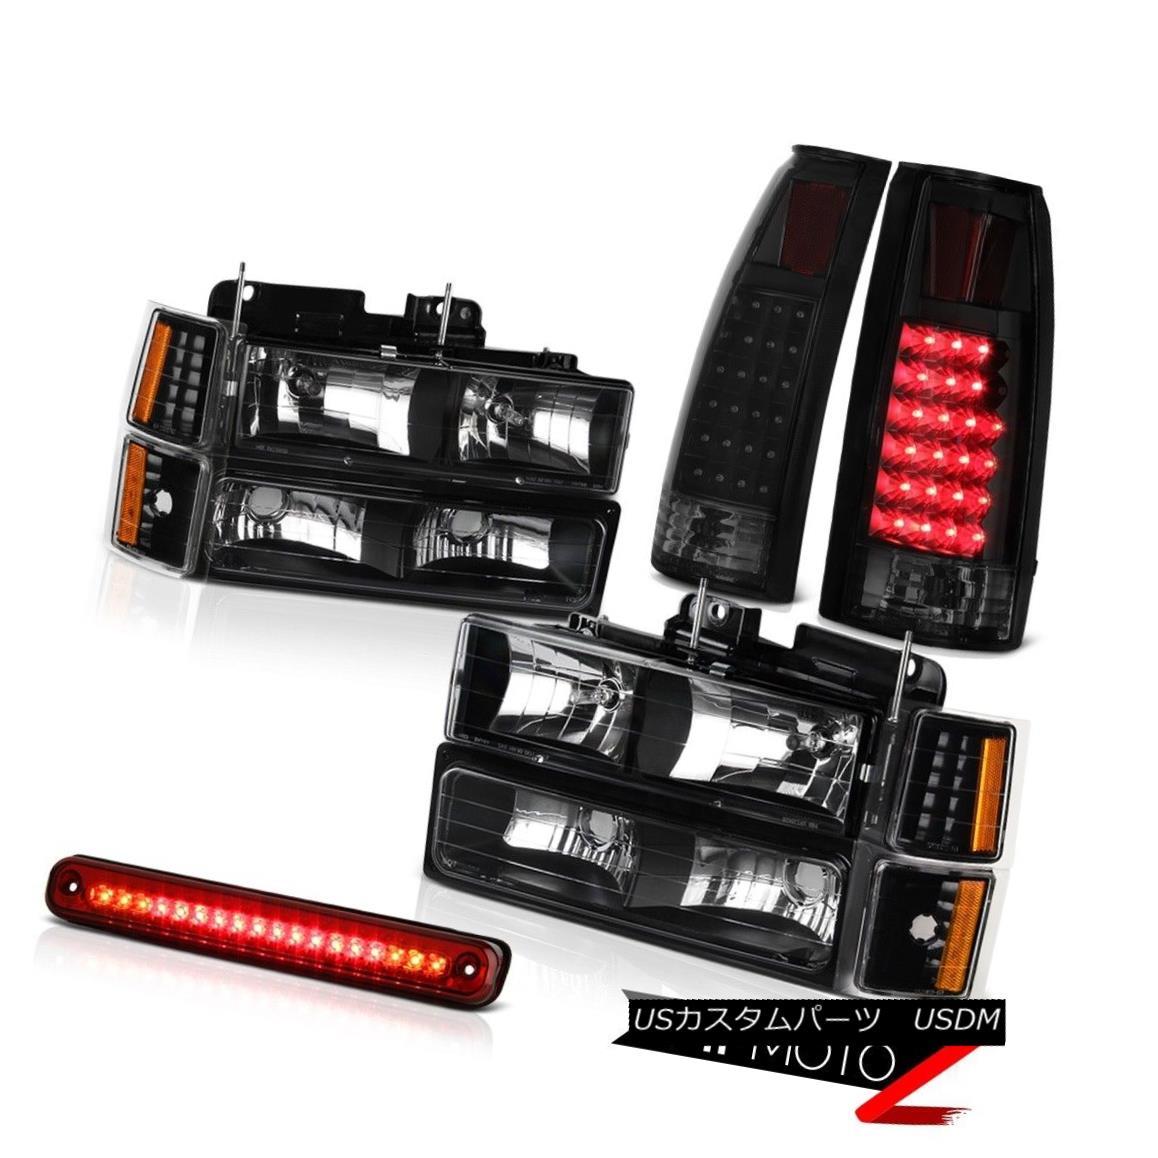 テールライト 94-98 Chevy C/K Truck Roof Cargo Lamp Tail Lights Corner Bumper Lamps Headlights 94-98シボレーC / Kトラック屋根貨物ランプテールライトコーナーバンパーランプヘッドライト